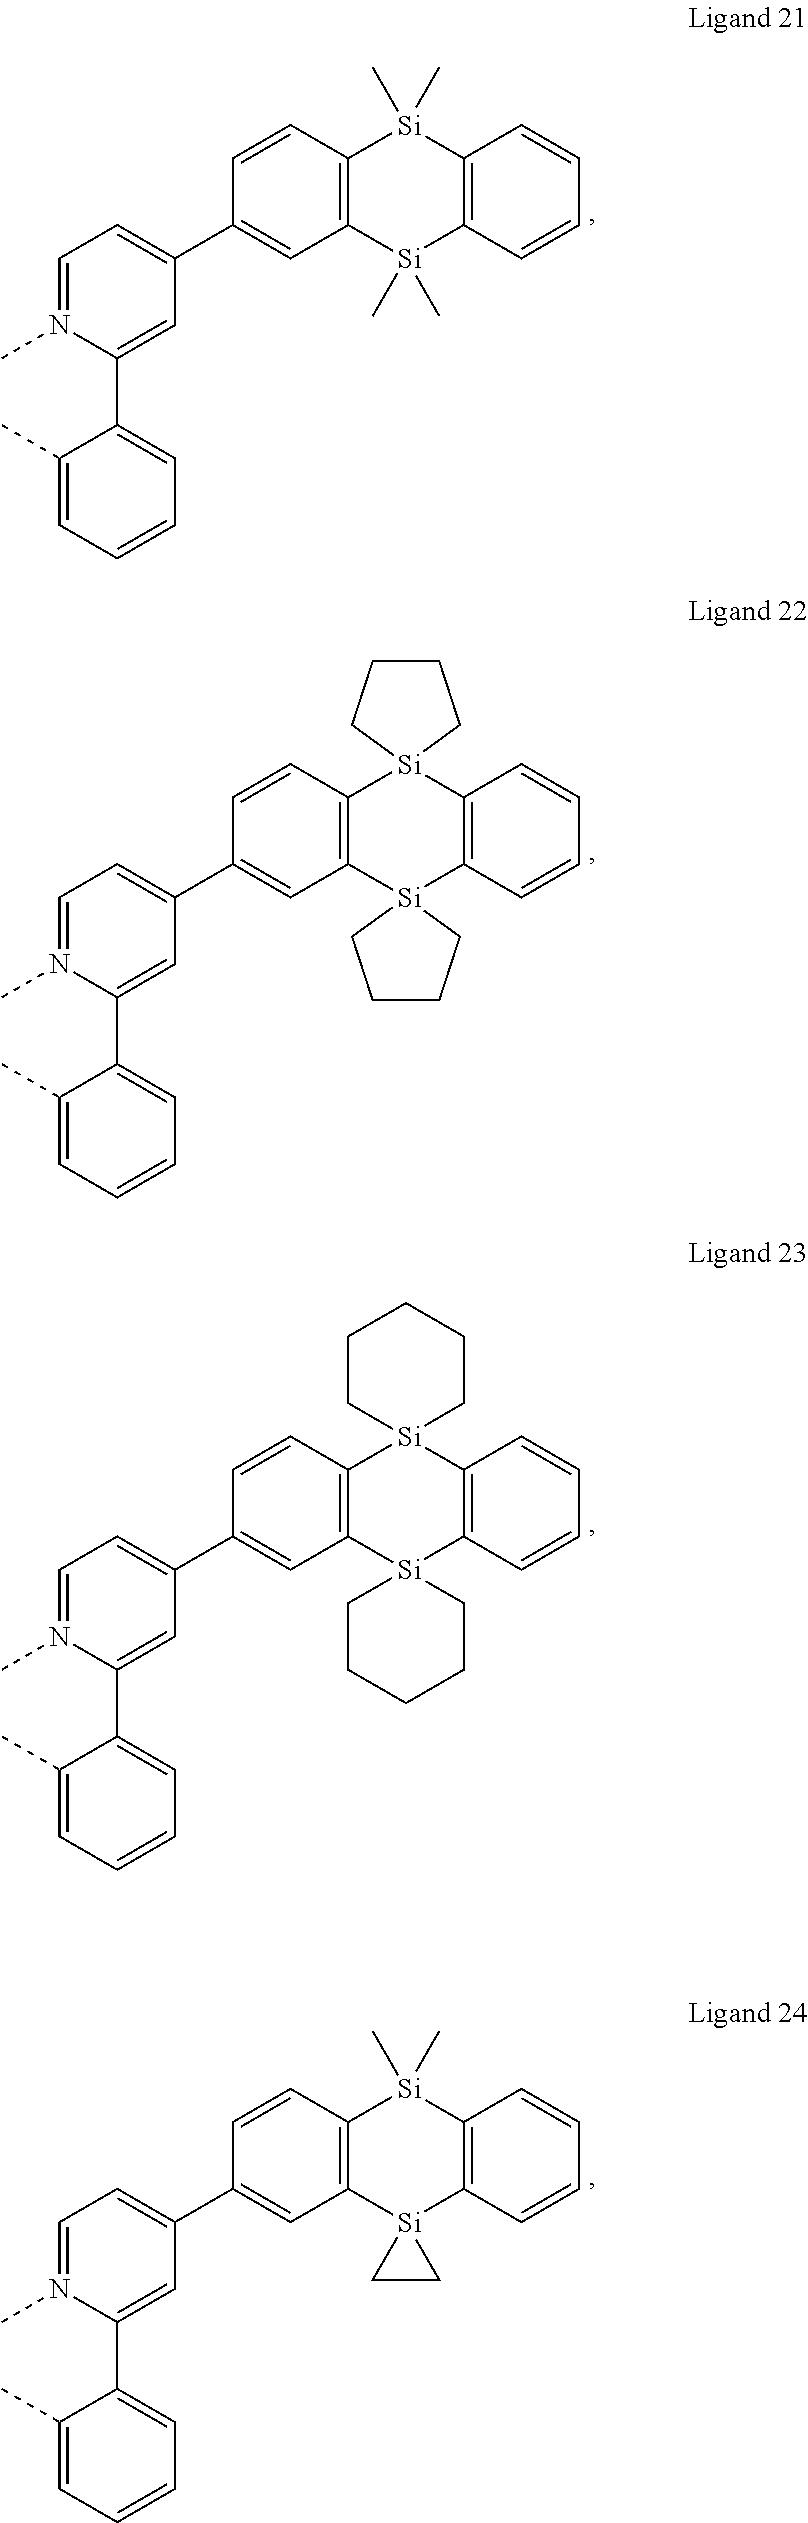 Figure US20180130962A1-20180510-C00035